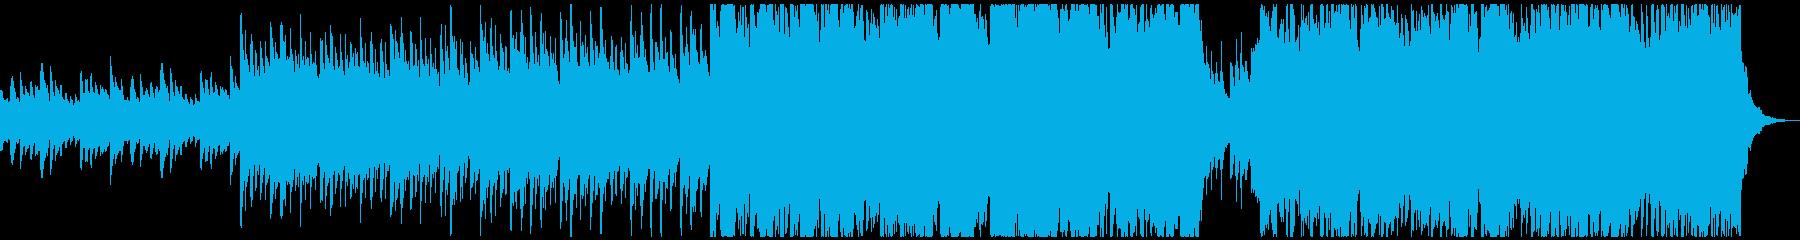 60秒 片想いのワルツ・ピアノバイオリンの再生済みの波形